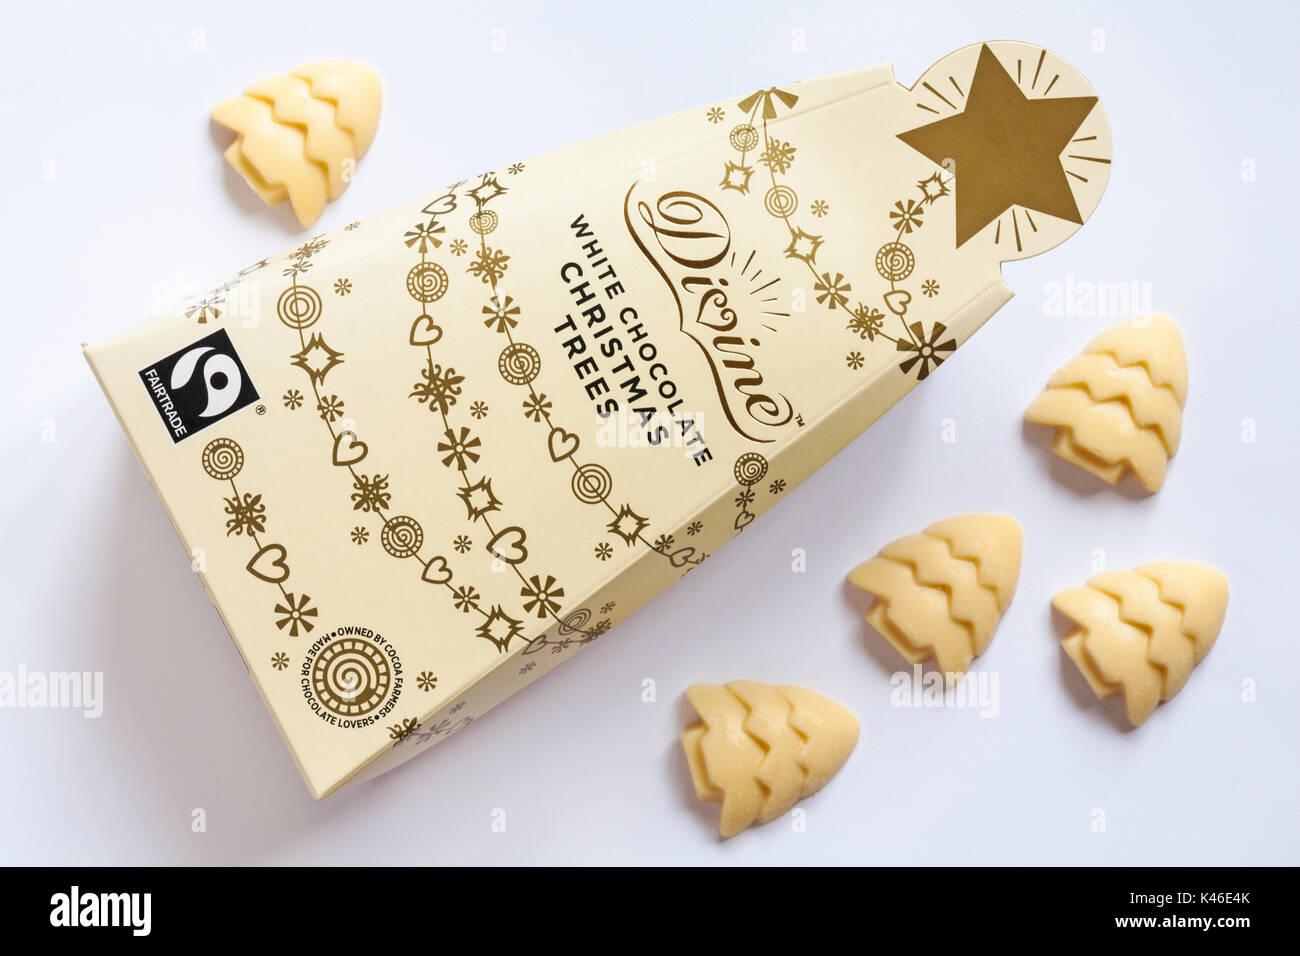 Fairtrade Chocolates Stock Photos & Fairtrade Chocolates Stock ...